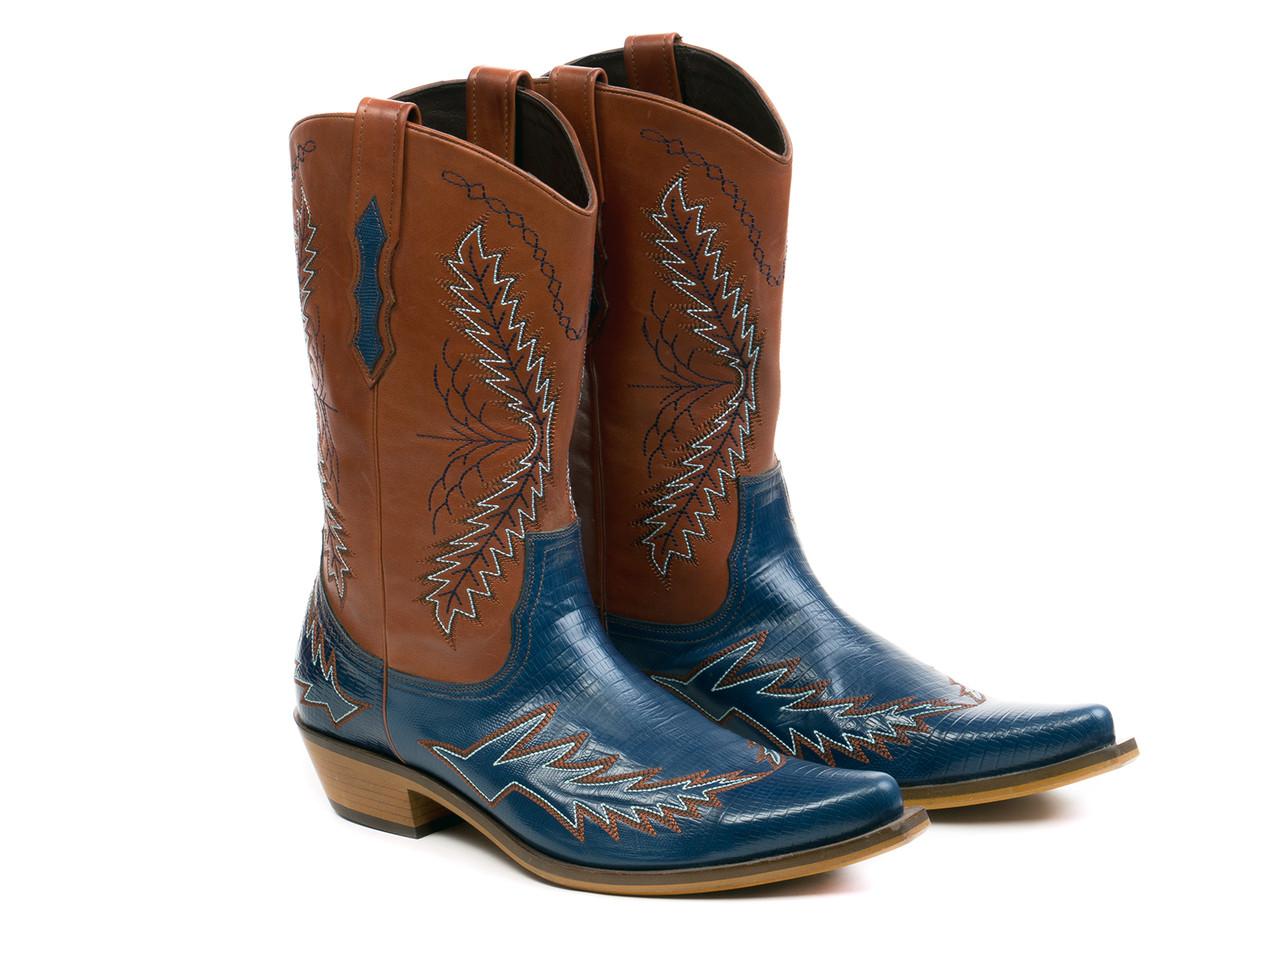 Казак Etor 6618-884 43 коричнево-синие